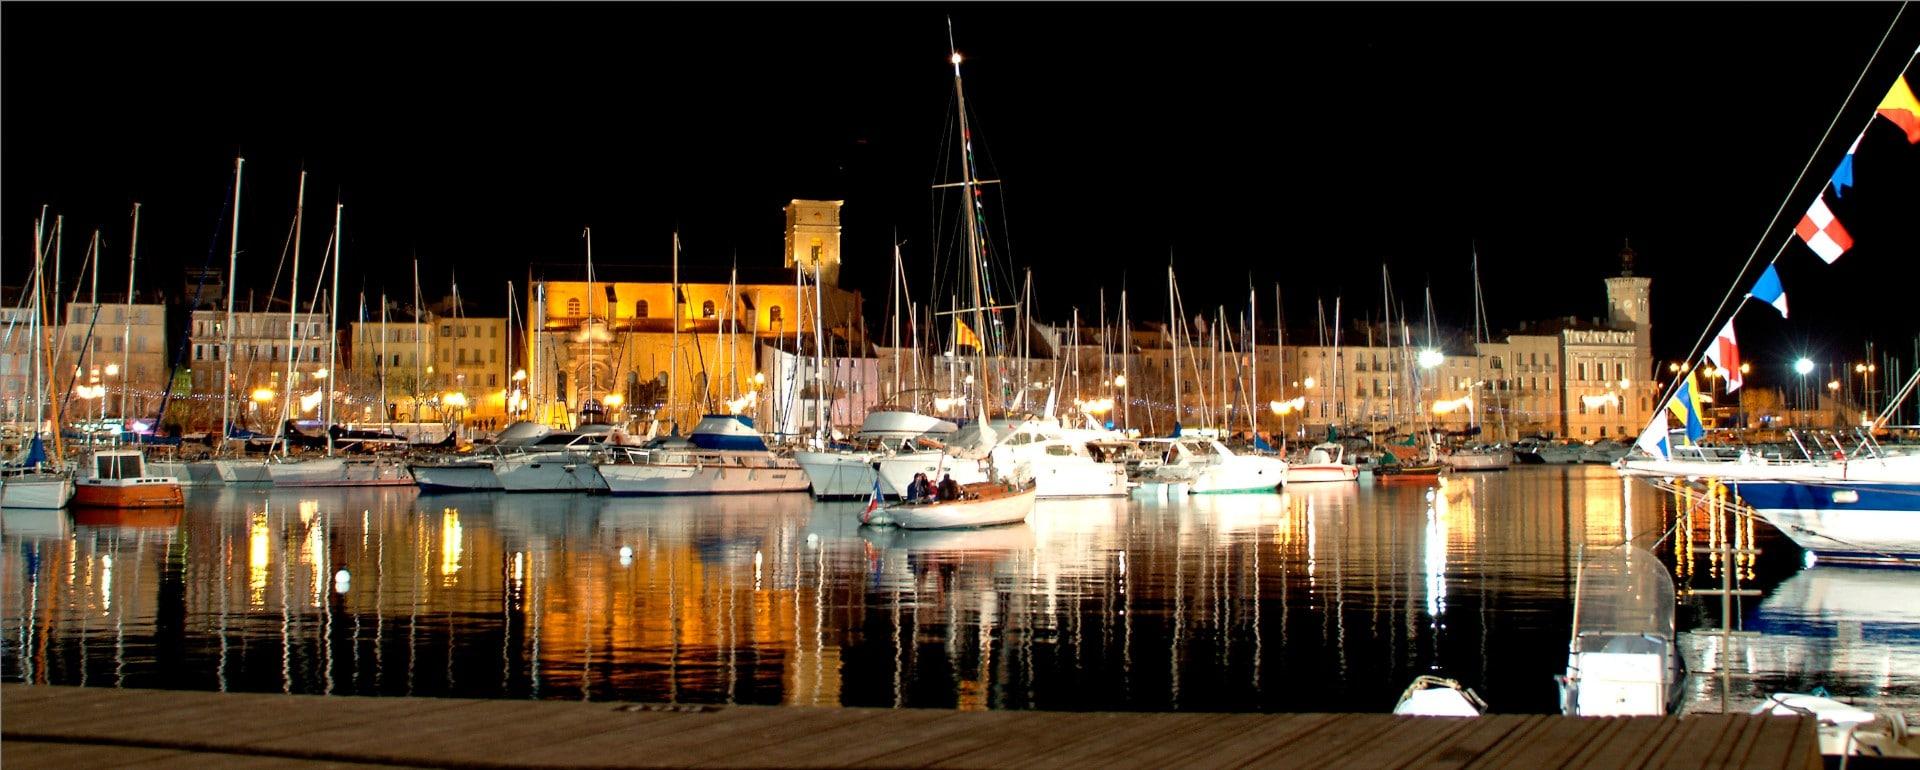 le-Port-la-nuit